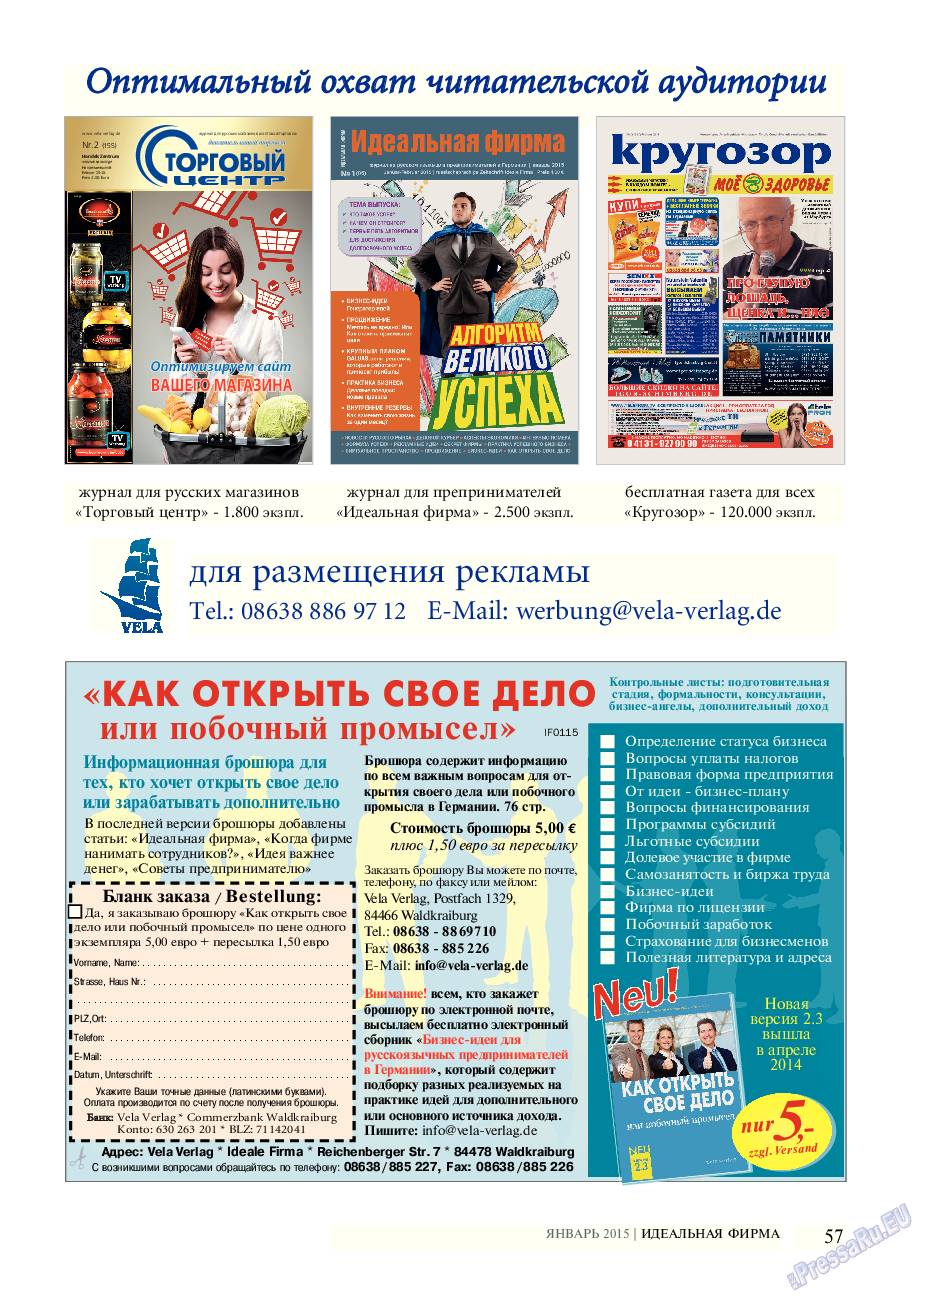 Идеальная фирма (журнал). 2015 год, номер 1, стр. 57